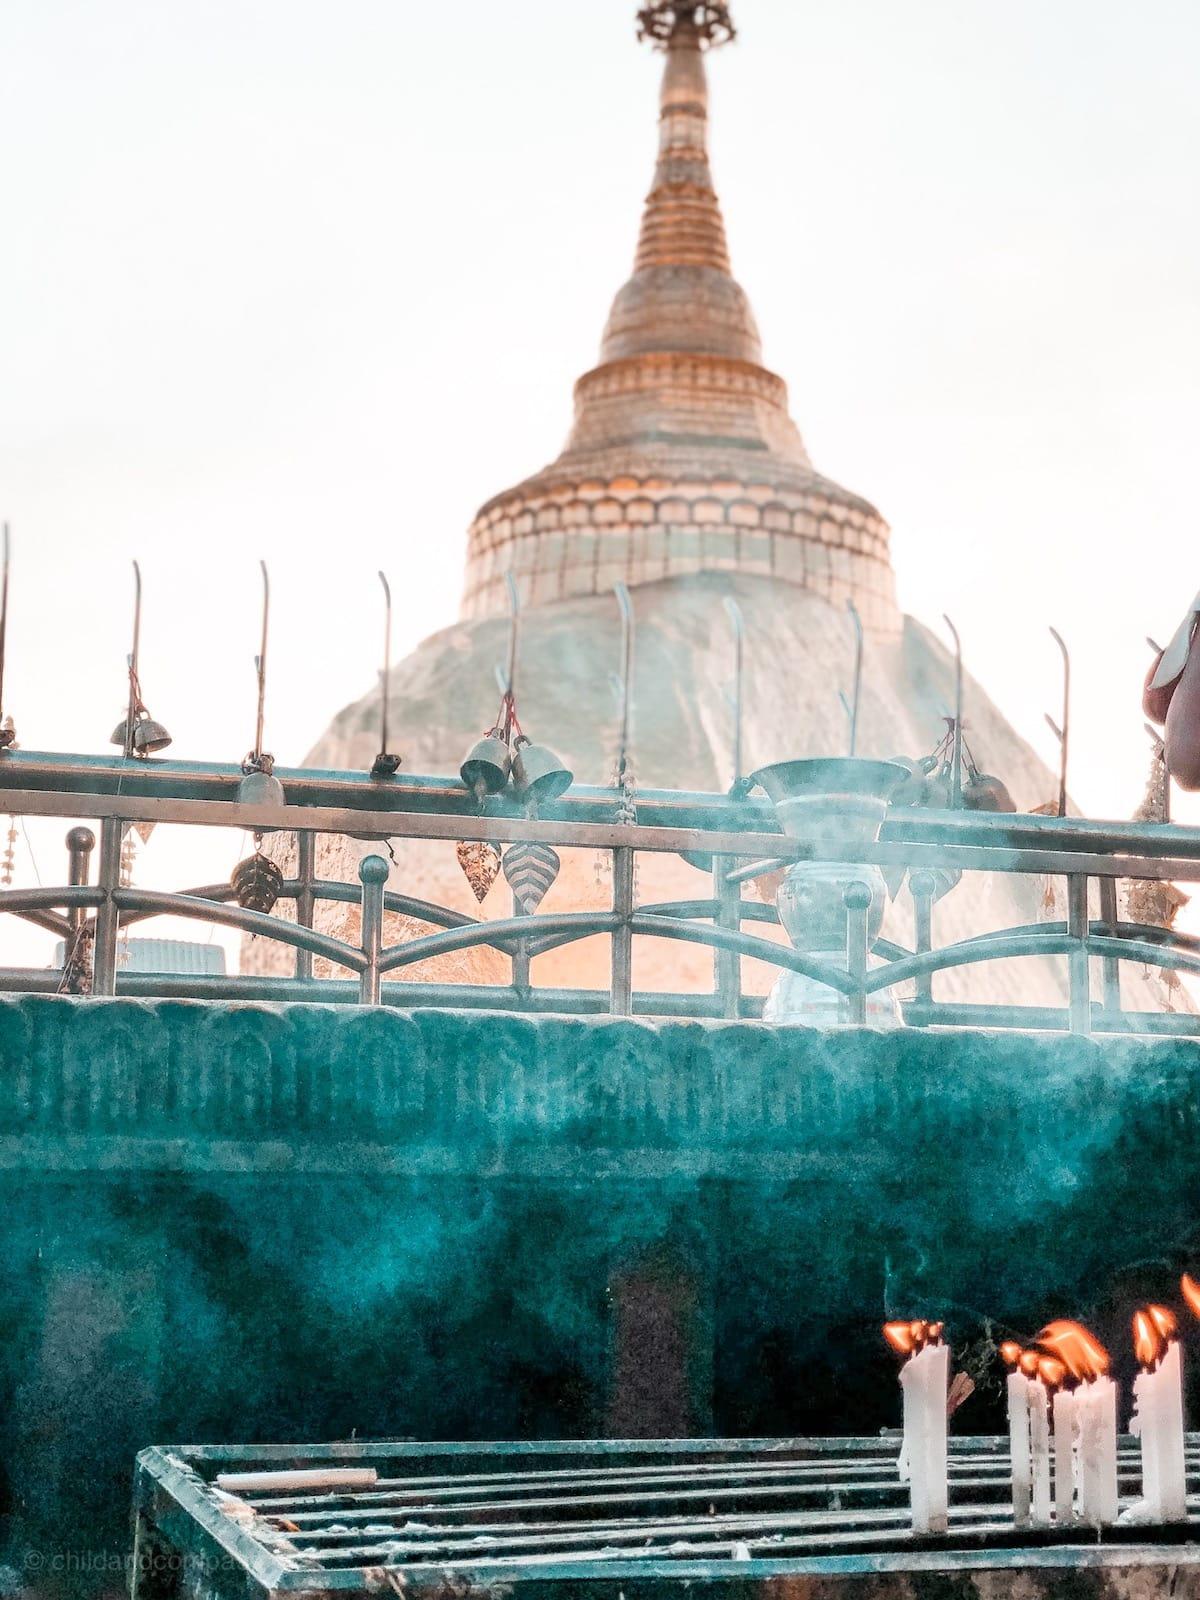 Lohnt sich ein Tagesausflug zum Goldenen Fels in Myanmar?